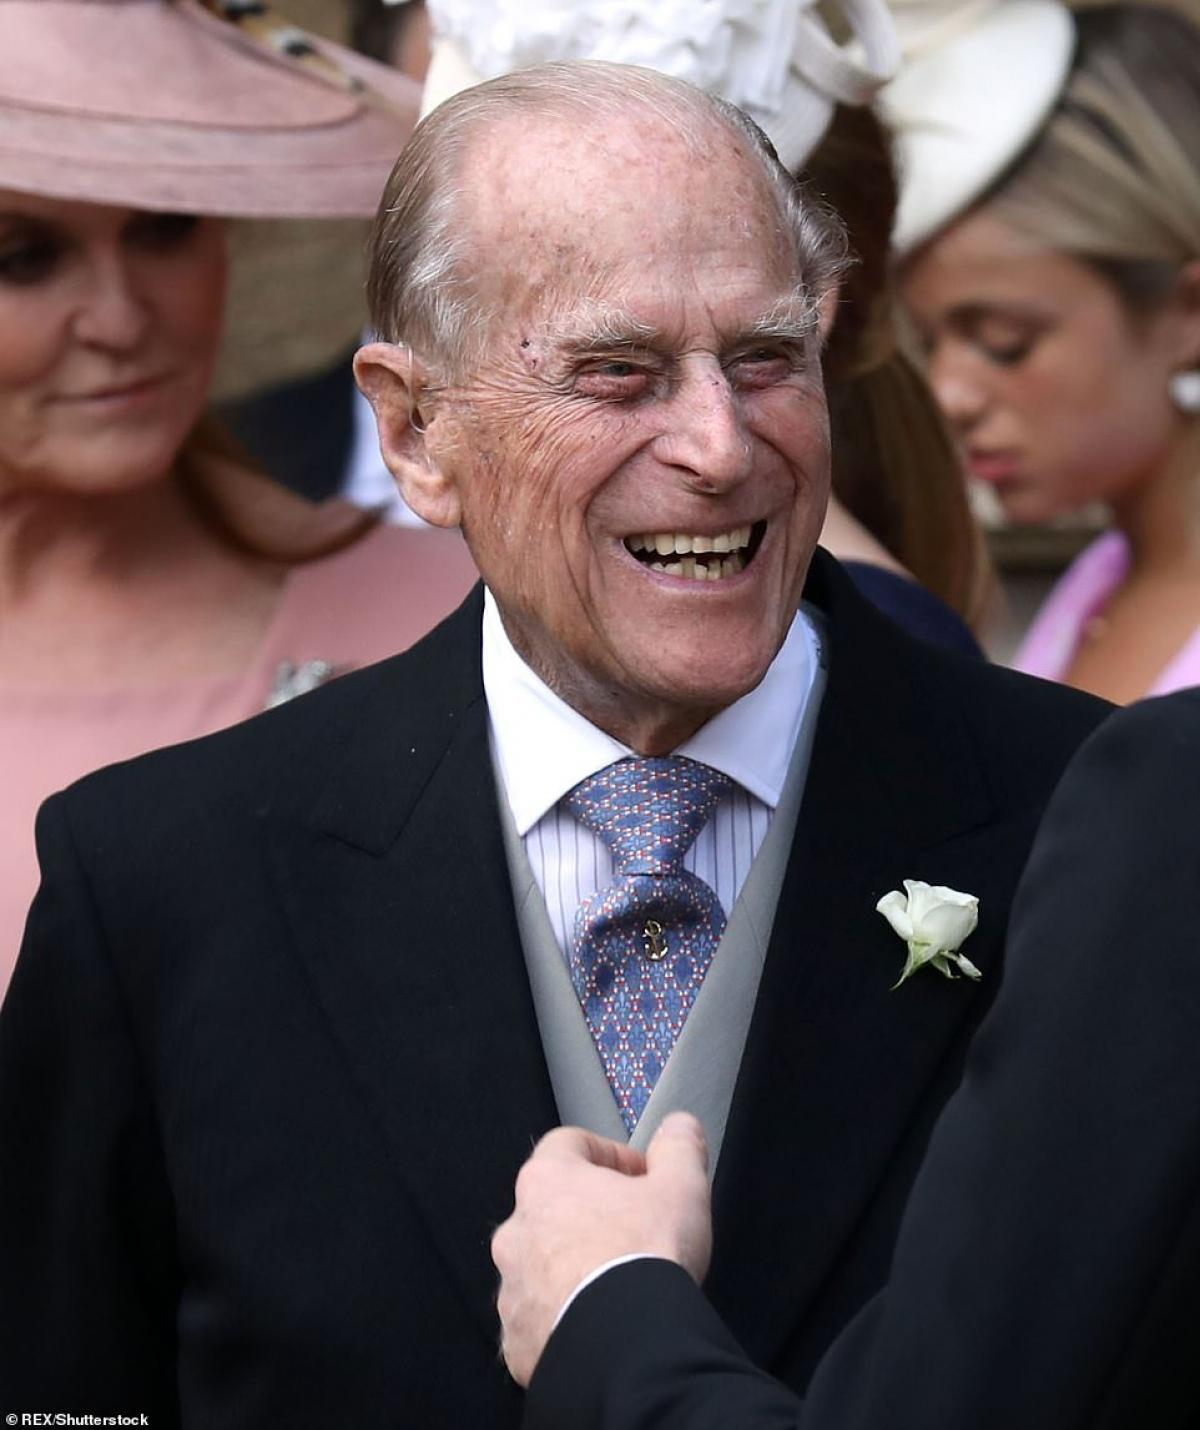 Hoàng thân (Vương tế) Philip năm 2019. Ông là người luôn hết mình ủng hộ Nữ hoàng Anh Elizabeth. Ông qua đời tại lâu đài Windsor (Anh) hôm 9/4, thọ 99 tuổi.